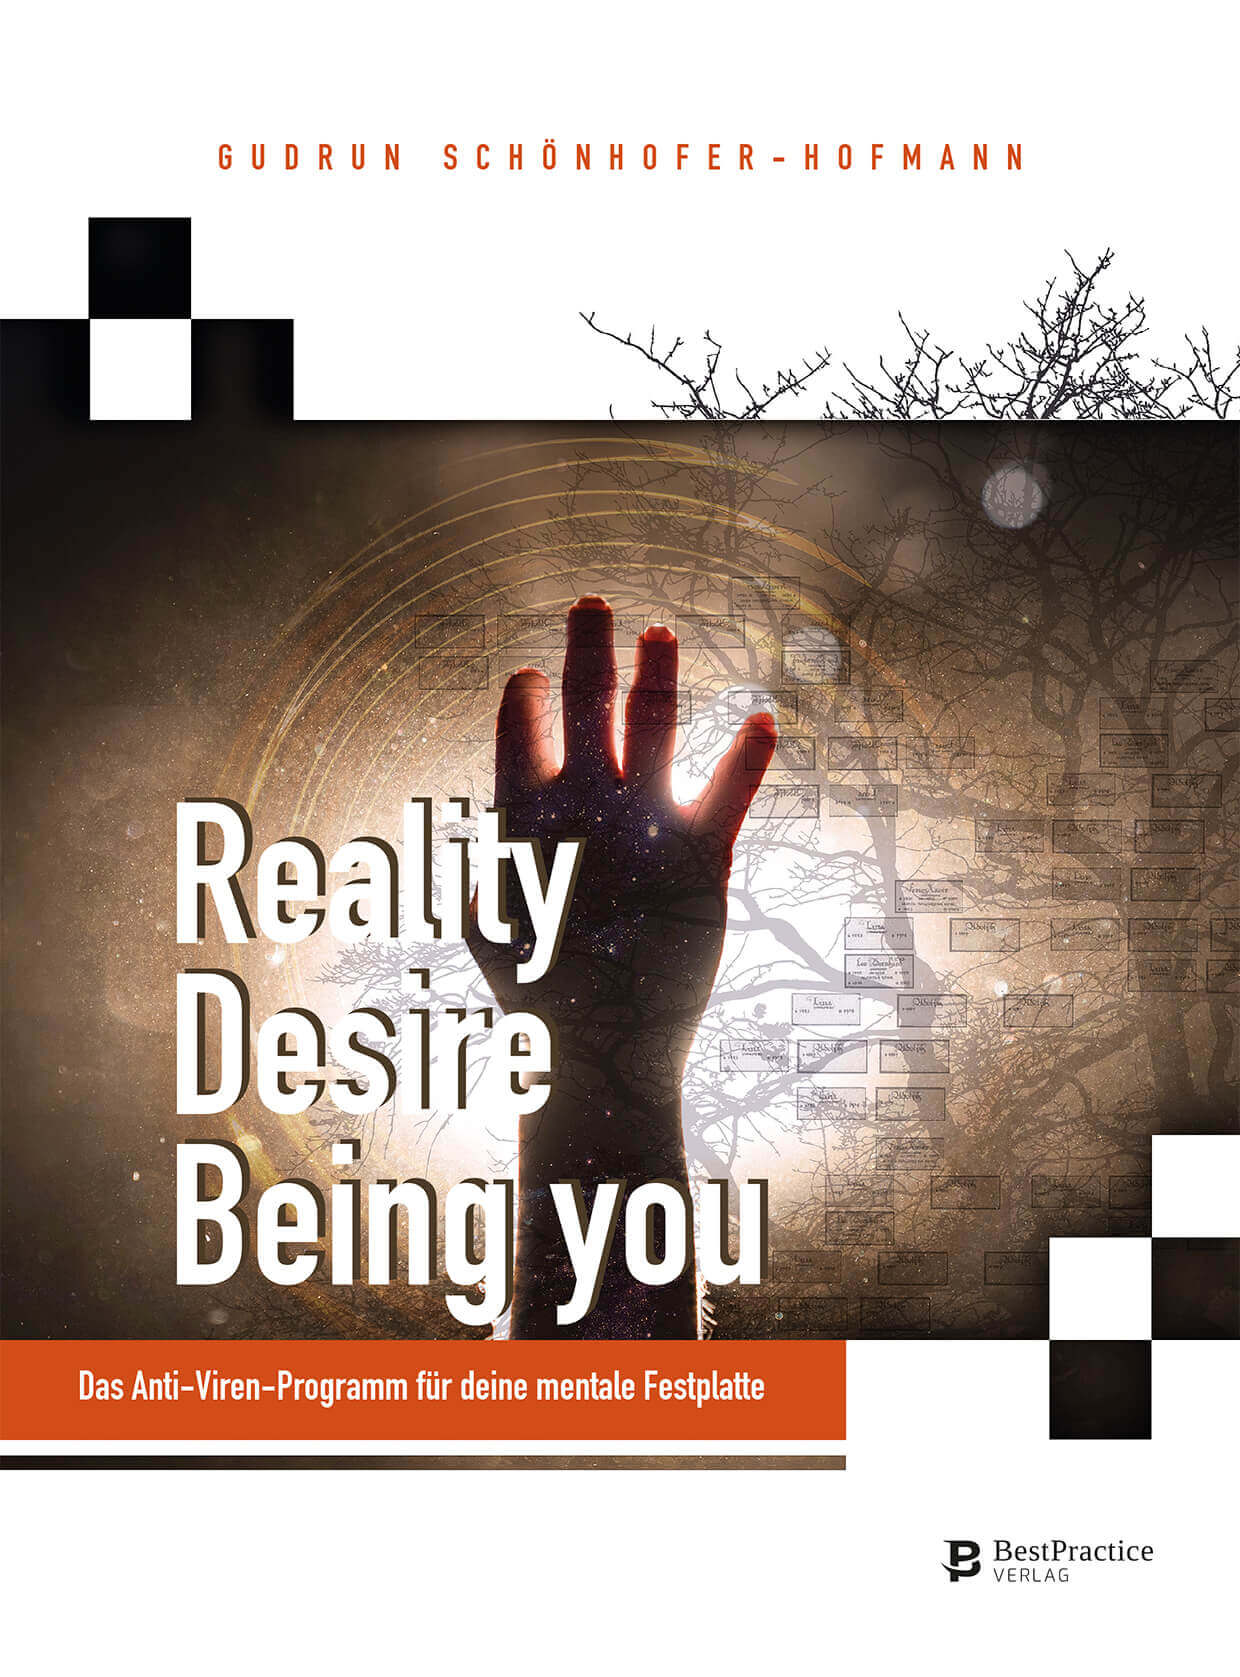 Being you - Das Anti-Viren-Programm für deine mentale Festplatte